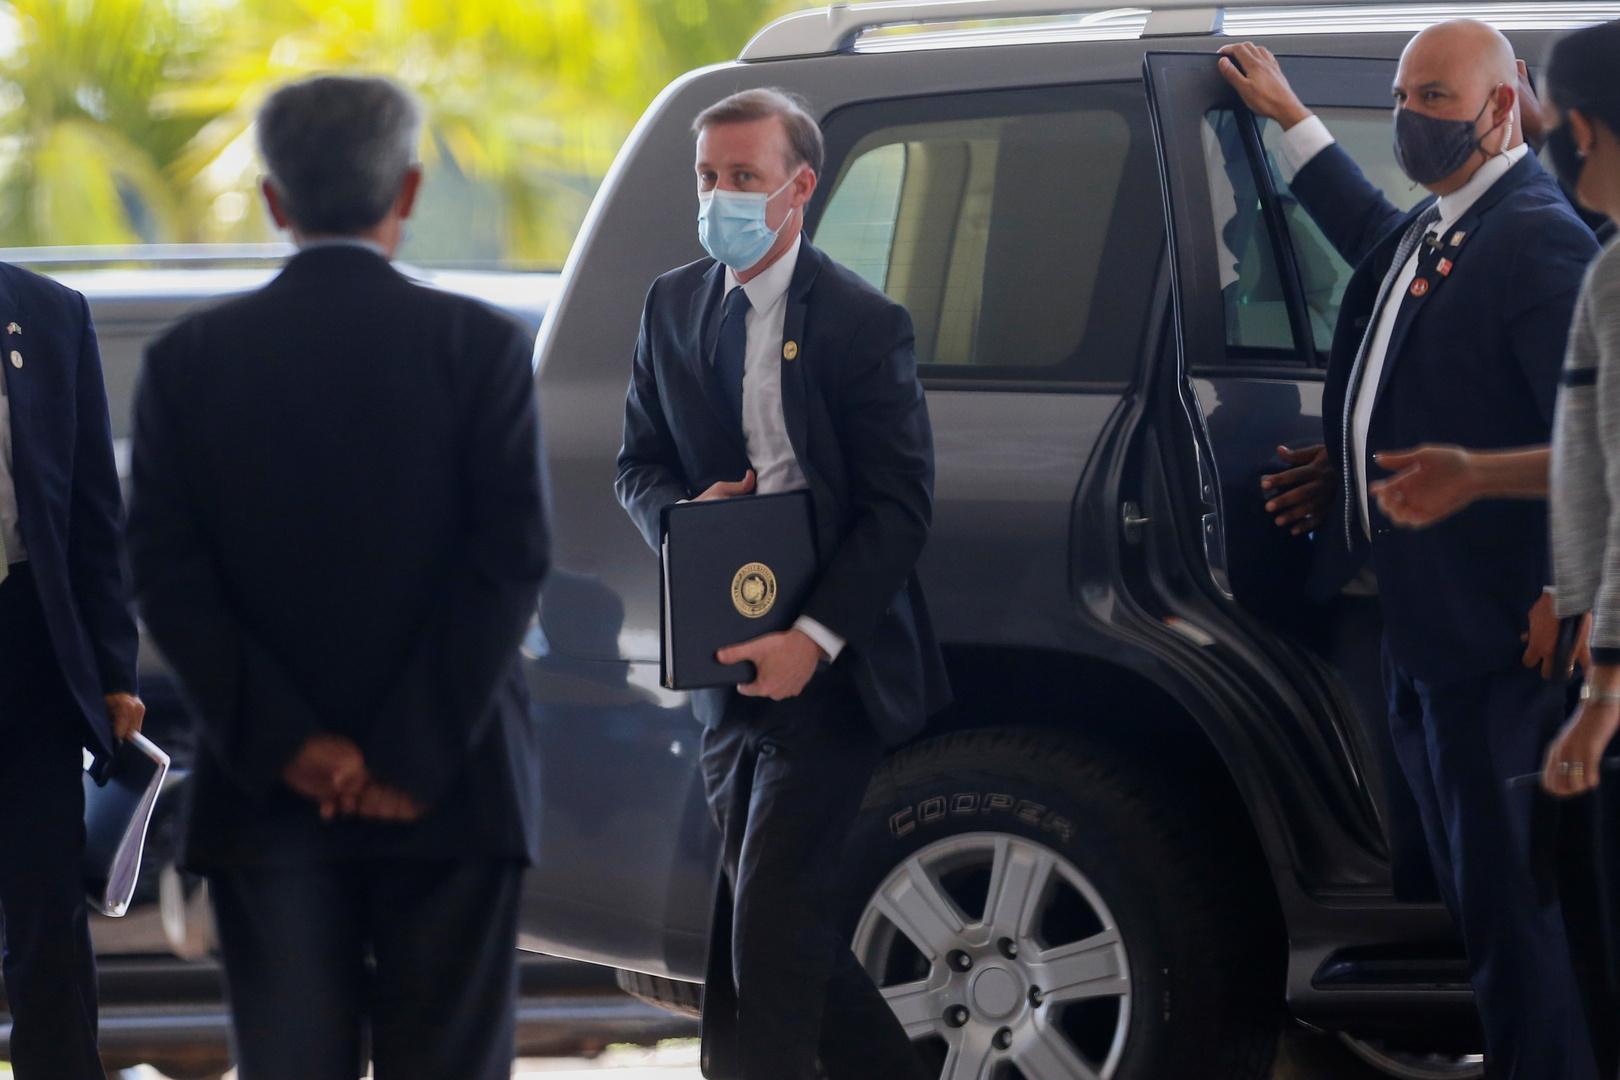 مستشار الرئيس الأمريكي للأمن القومي جيك ساليفان أثناء زيارته للبرازيل في 5 أغسطس 2021